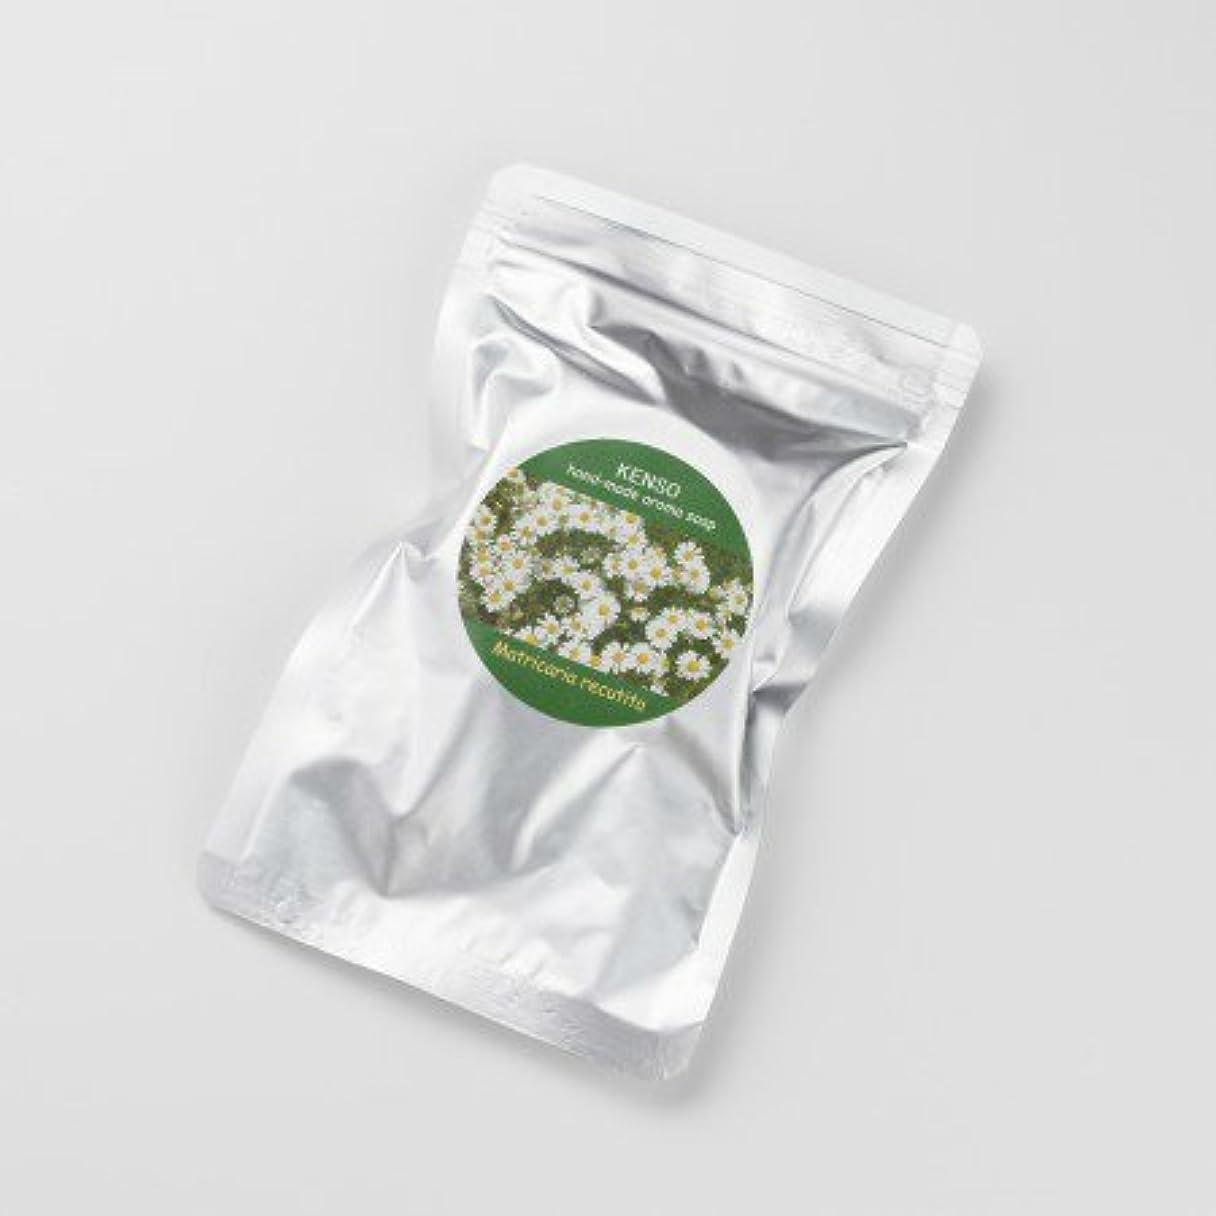 半導体対抗栄養ケンソー カモマイル ソープ 50g (KENSO アロマグリセリンソープ)